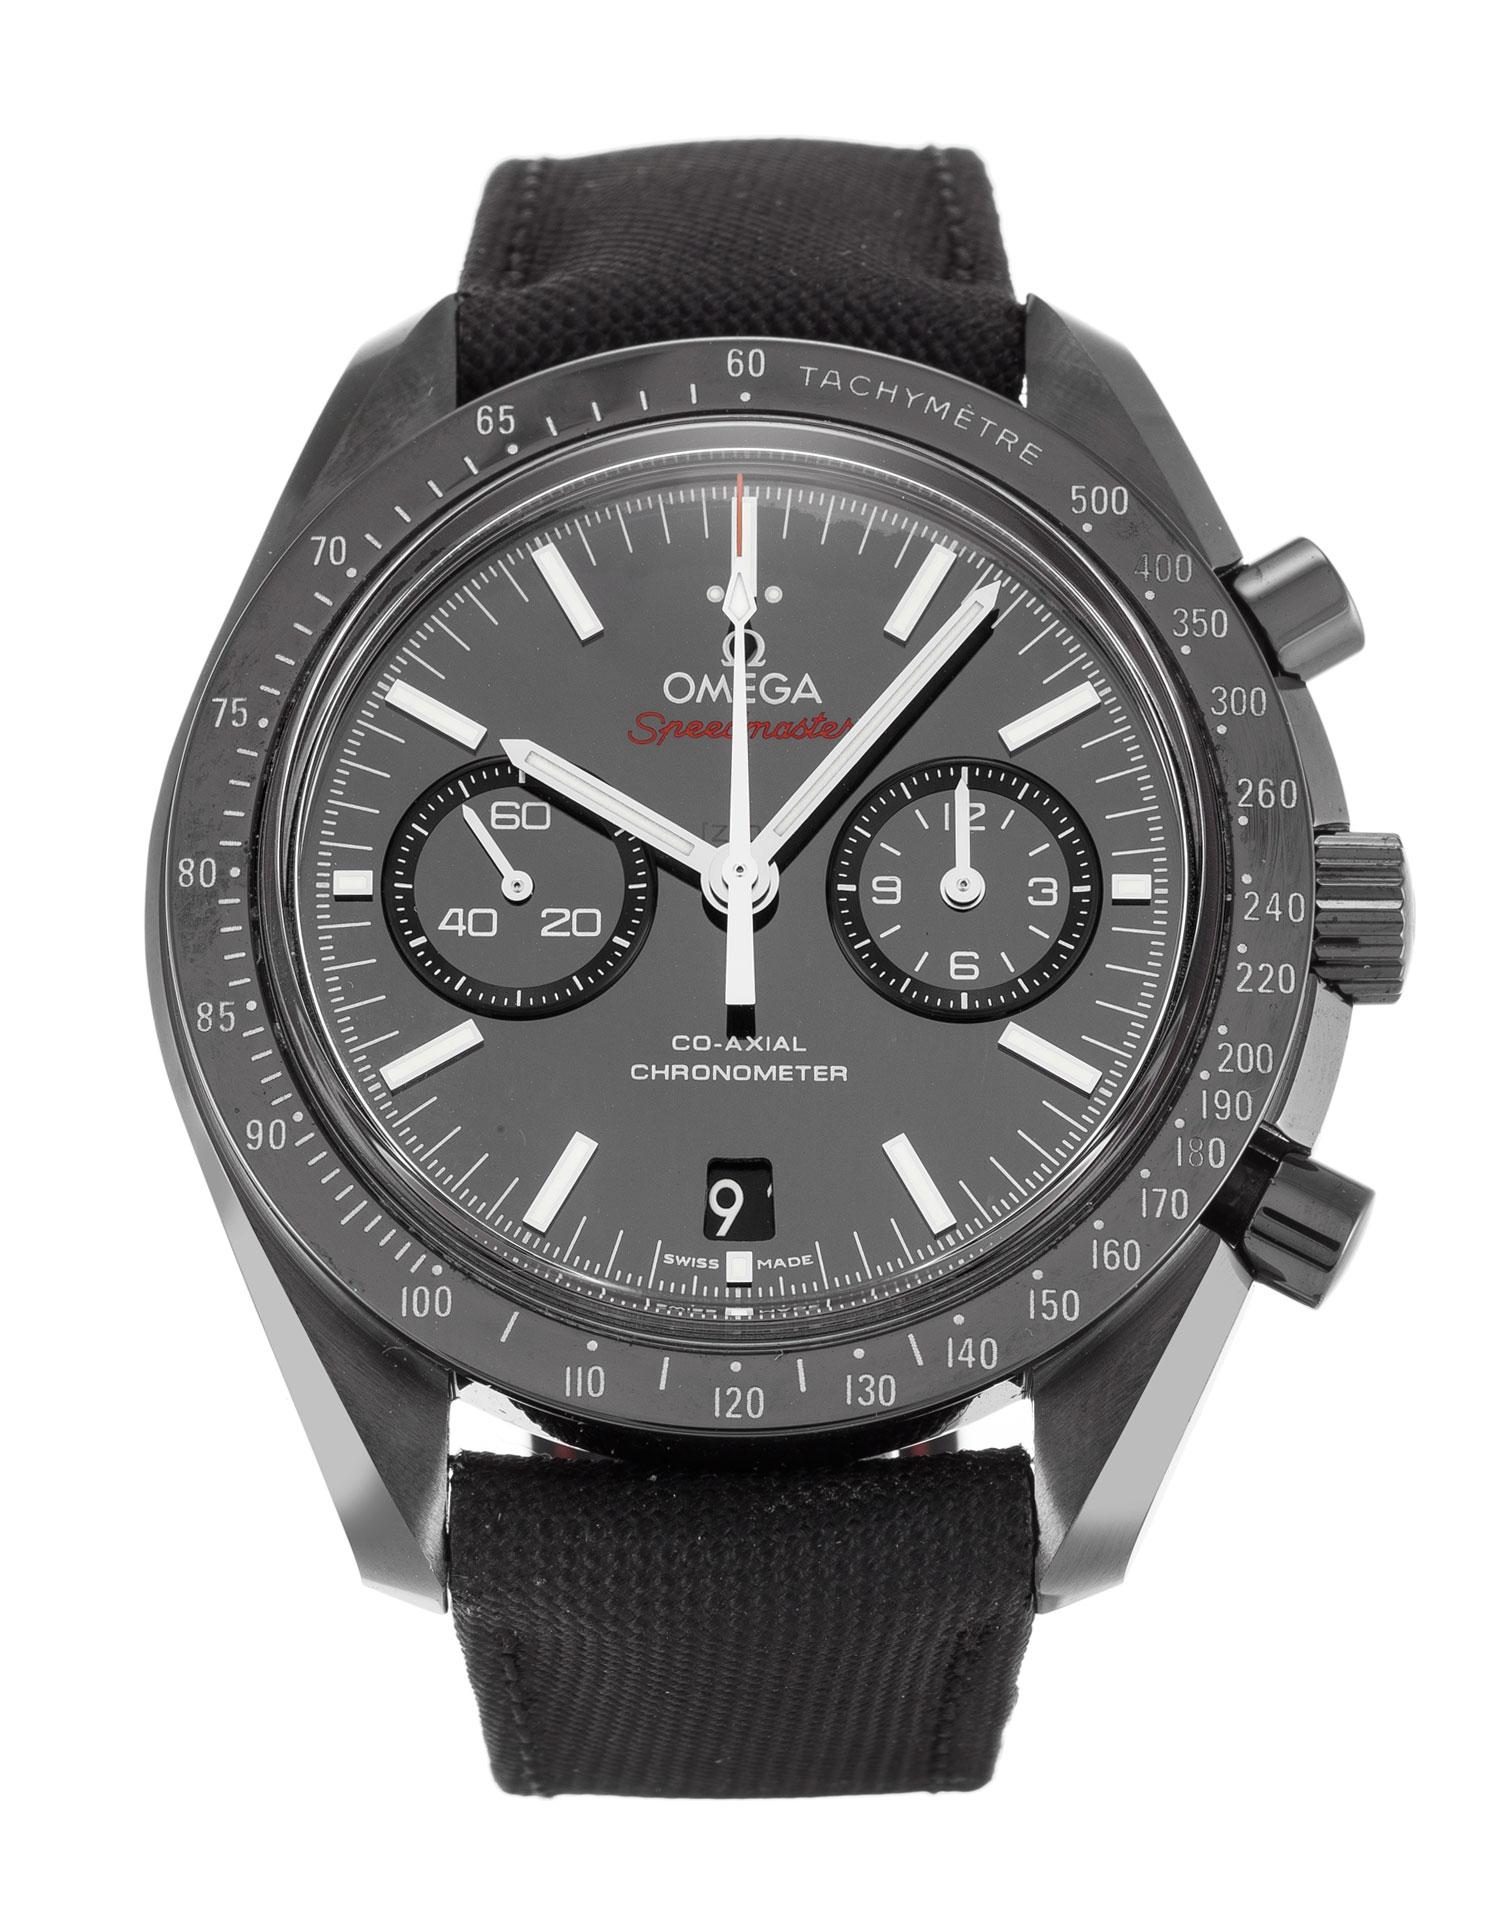 bd6dc47b11f Rolex répliques de montres suisses de luxe - replique de montre ...